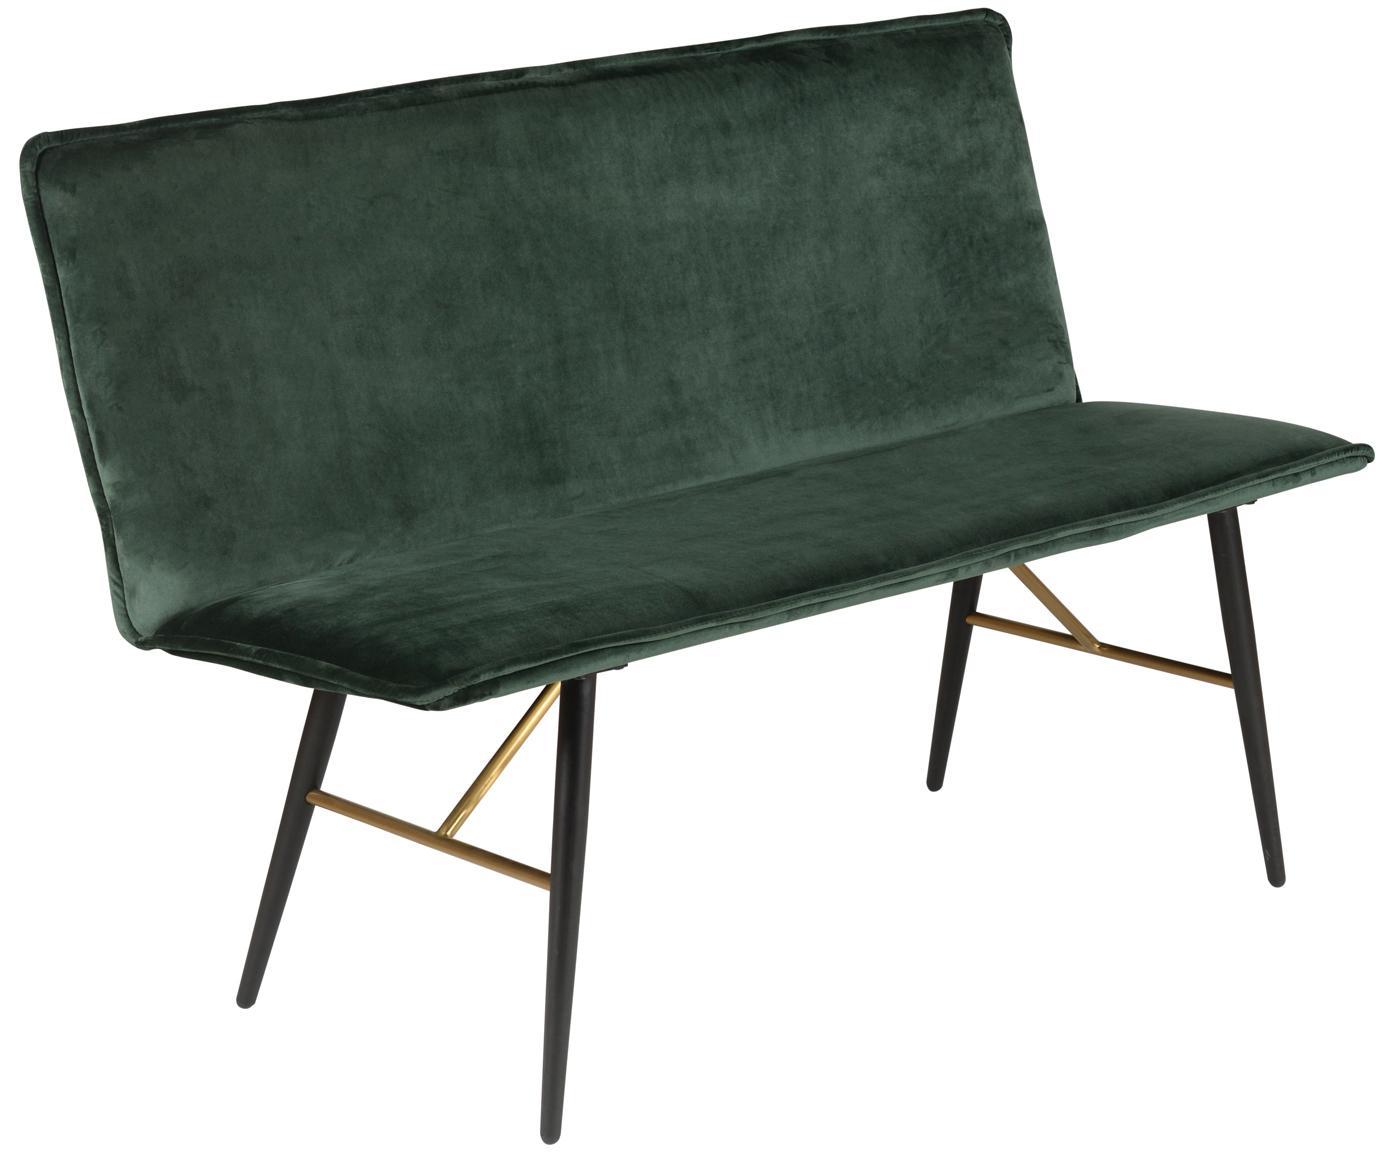 Ławka do jadalni z aksamitu Verona, Tapicerka: aksamit poliestrowy 45 00, Zielony, czarny, S 134 x G 55 cm